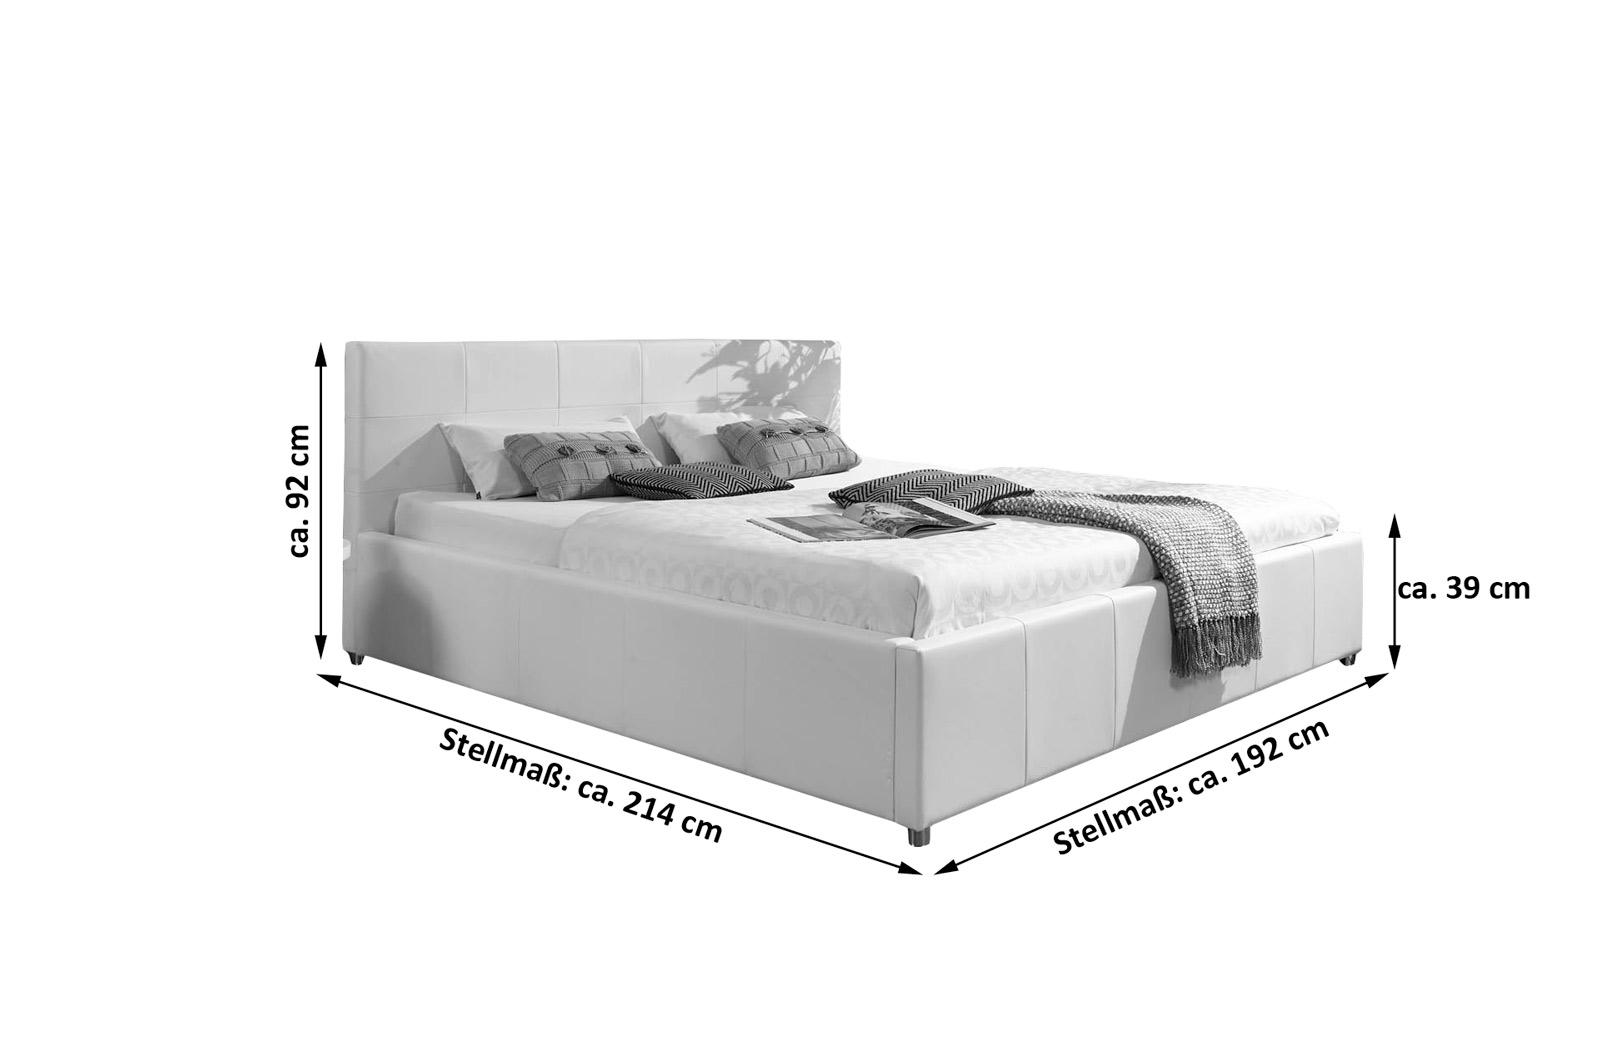 Kinderbett weiß bettkasten  SAM® Design Bett 180 x 200 cm weiß KIRA Bettkasten